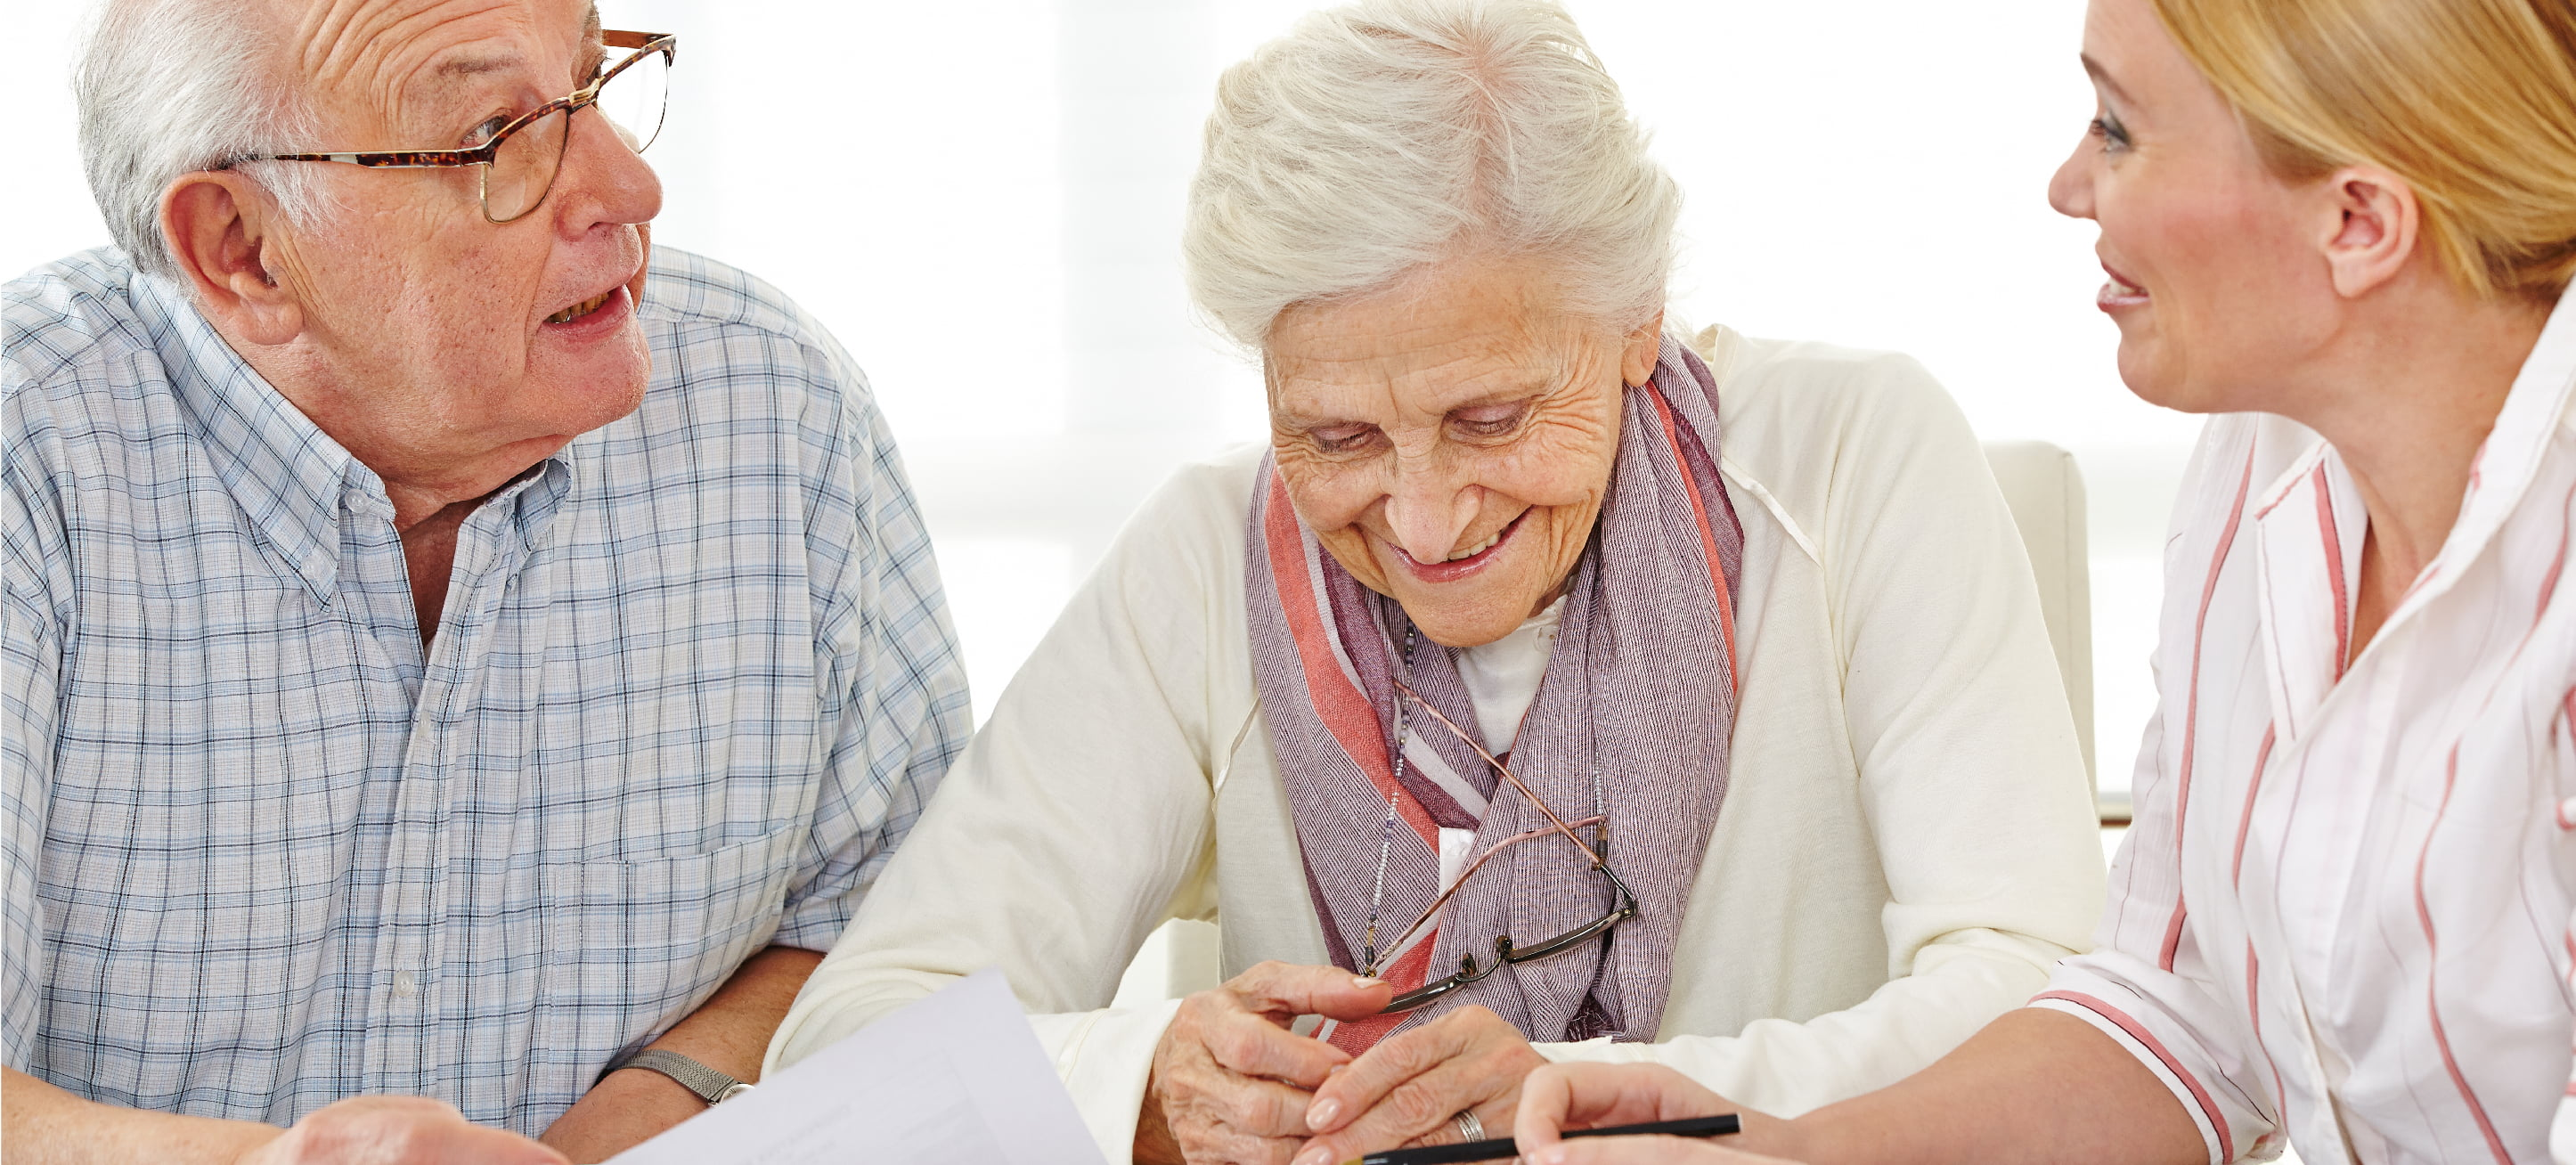 Programas de Preparación para el Retiro Laboral